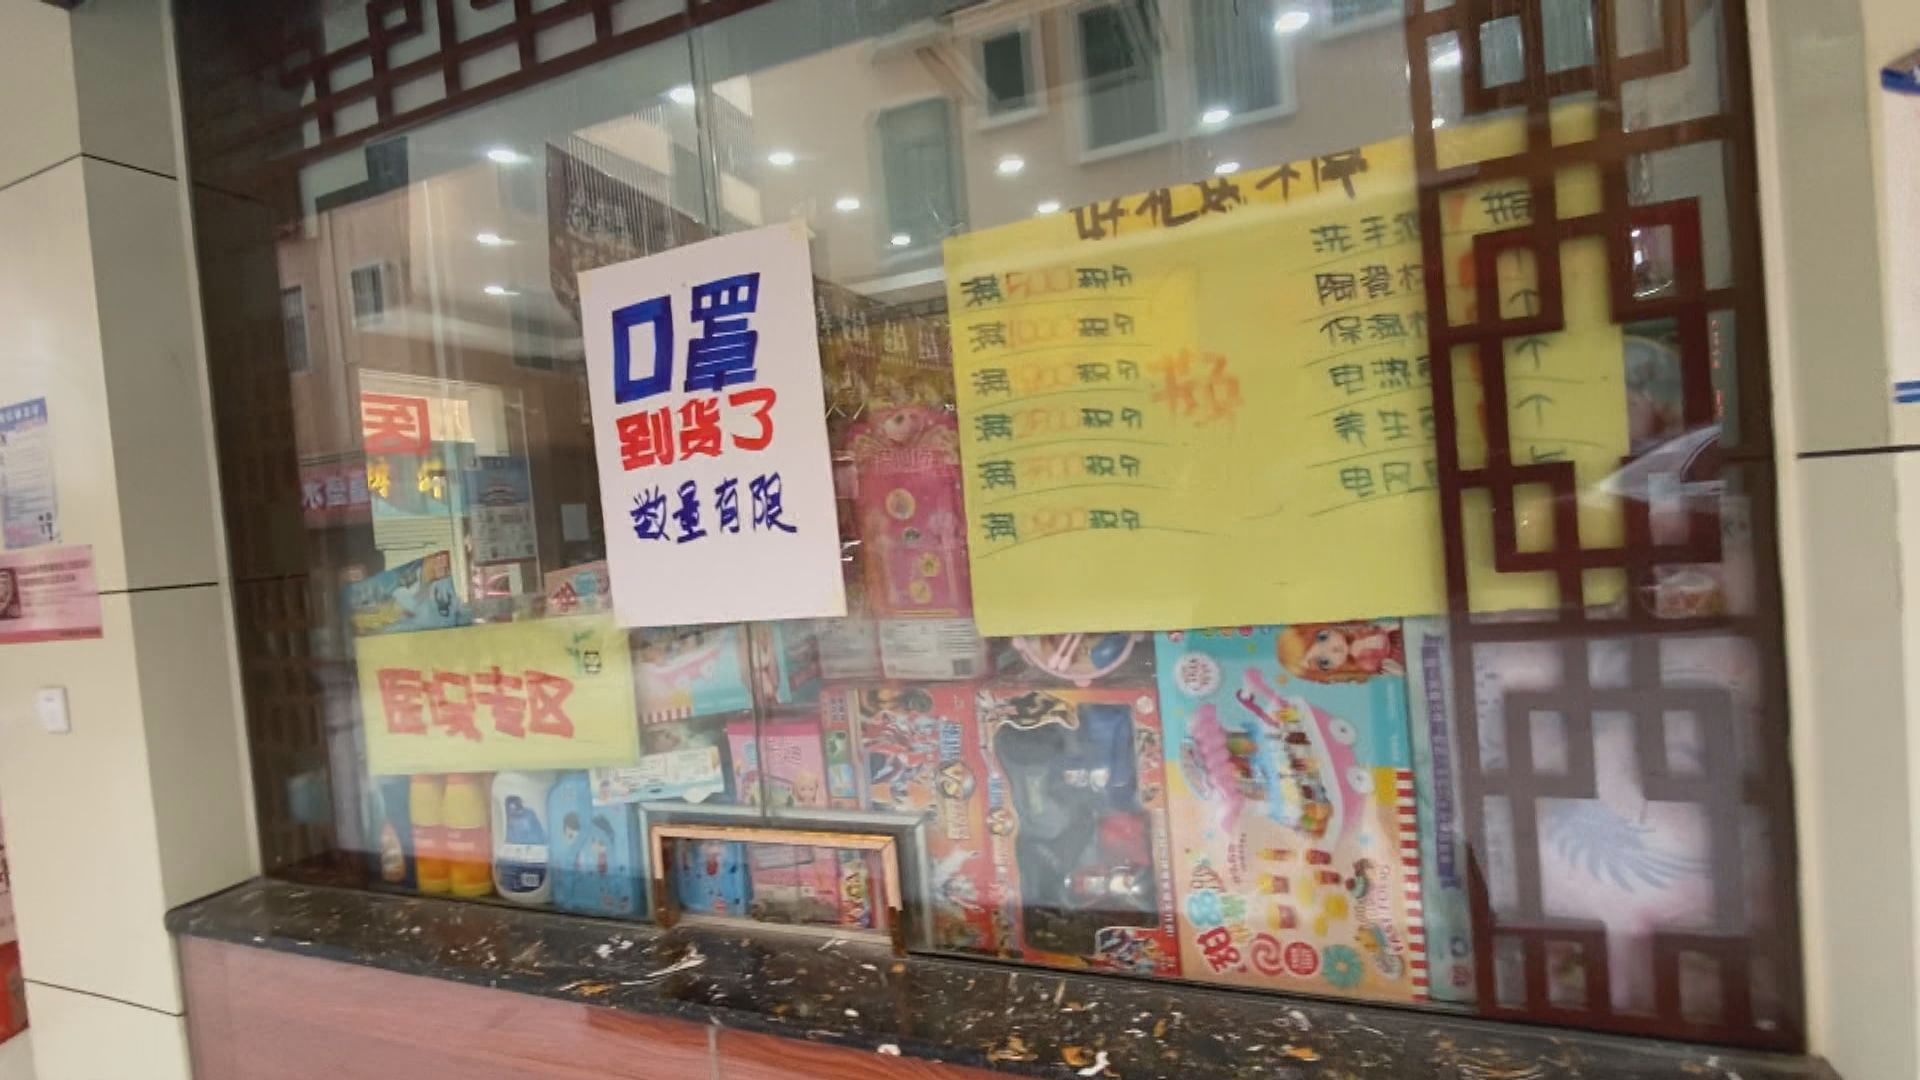 深圳衞健委呼籲戴口罩 市內口罩被搶購一空